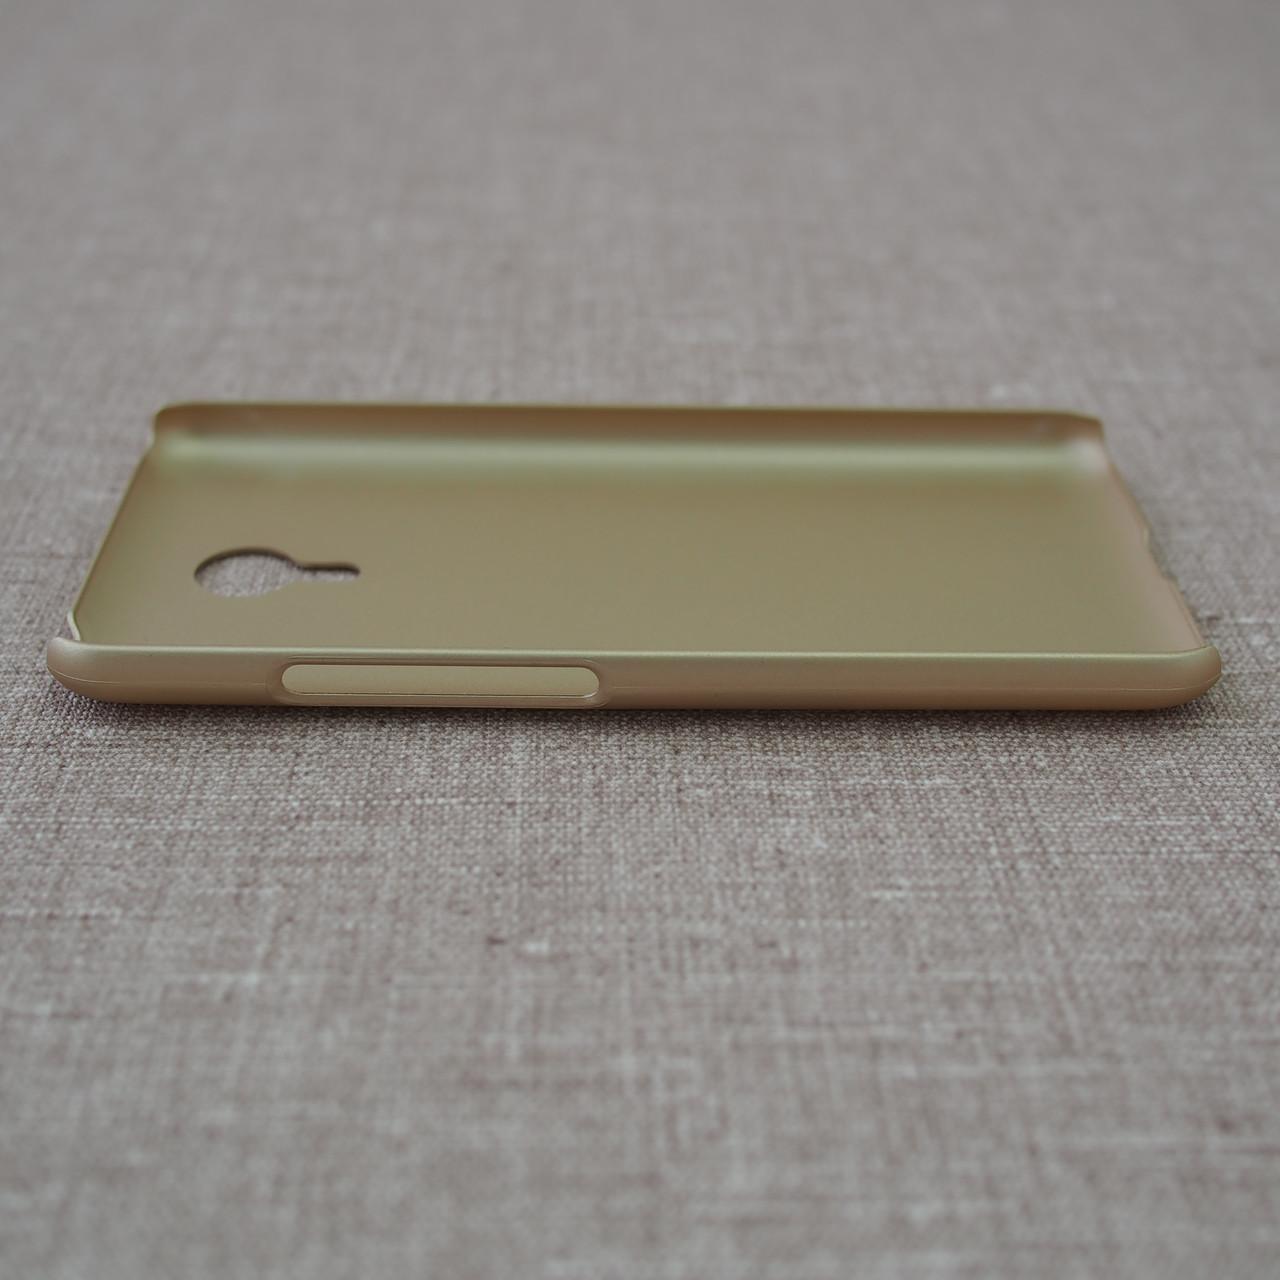 Чехлы для Meizu Nillkin Super Frosted Shield M2 Note gold Для телефона